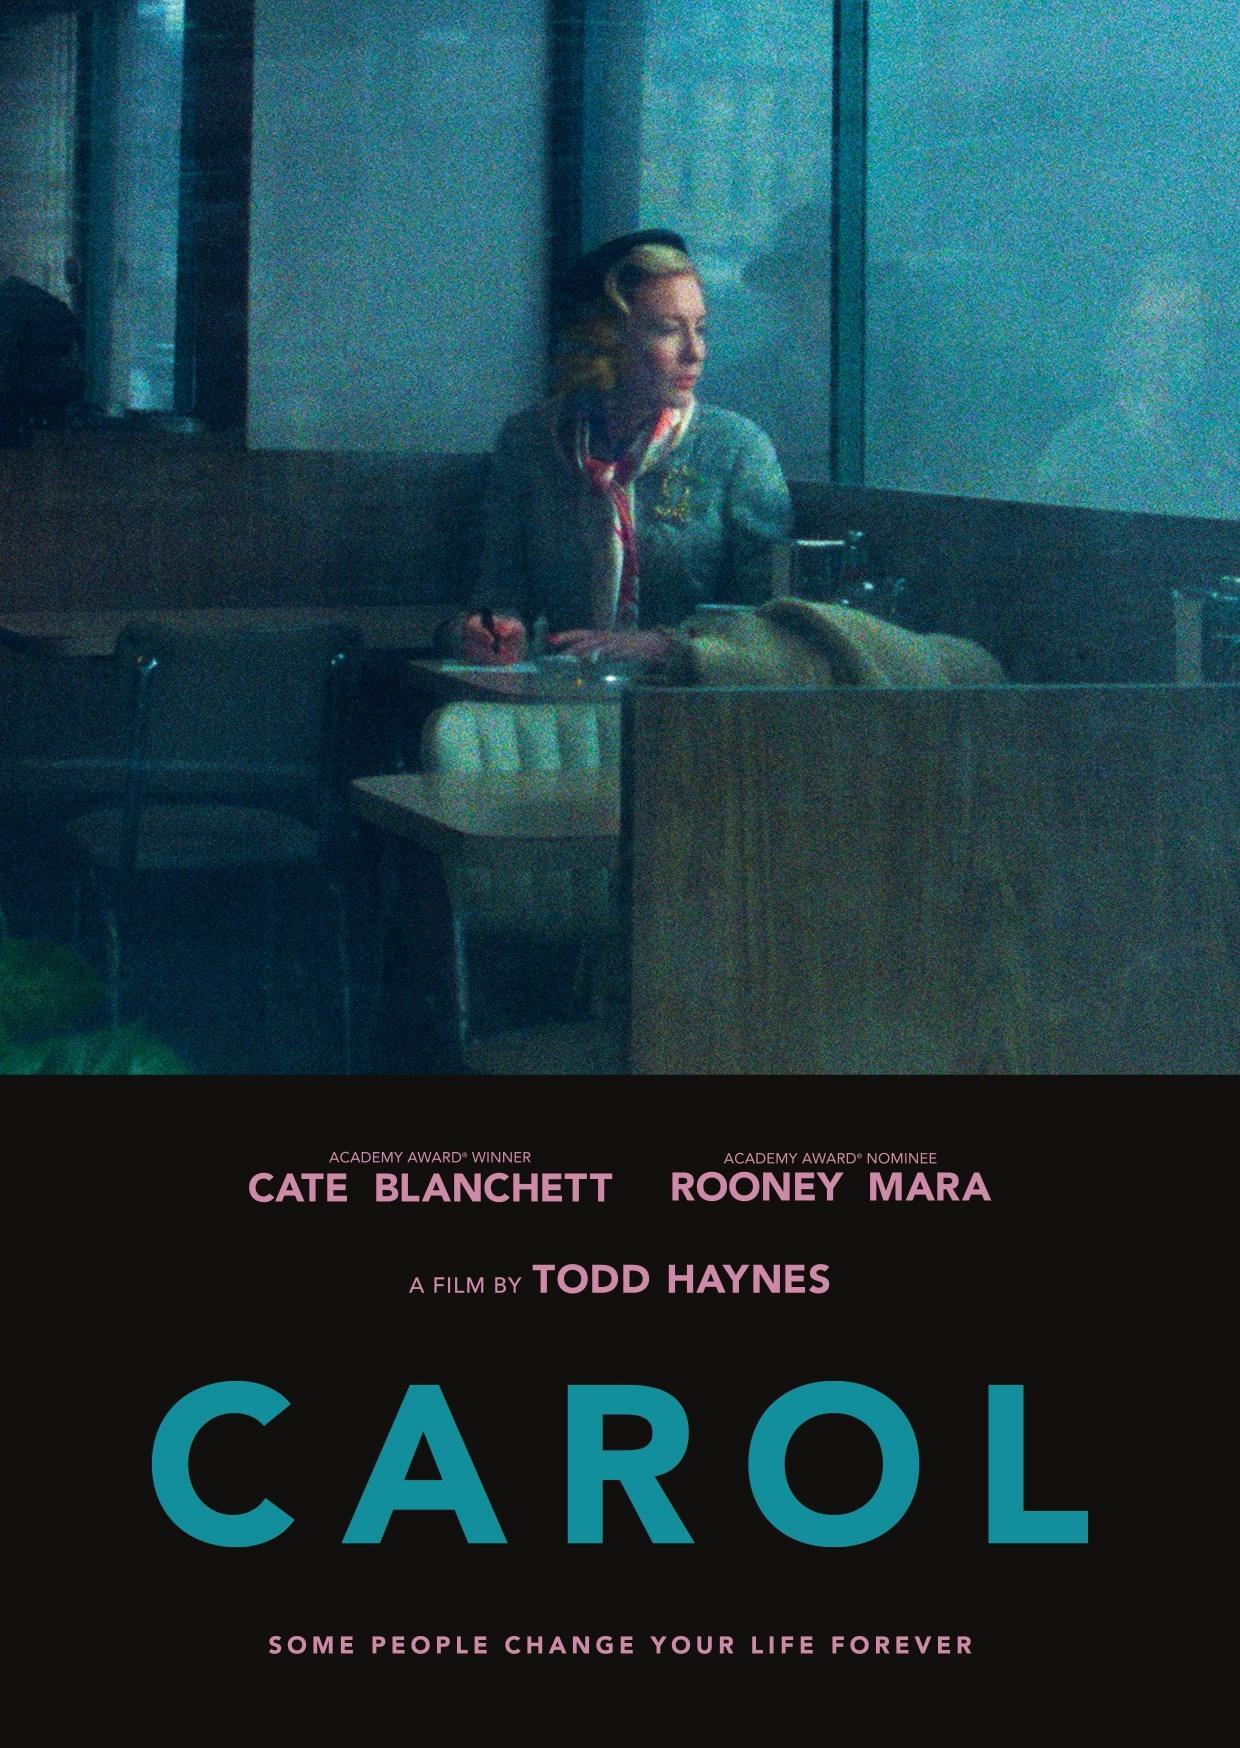 carol_poster_goldposter_com_14